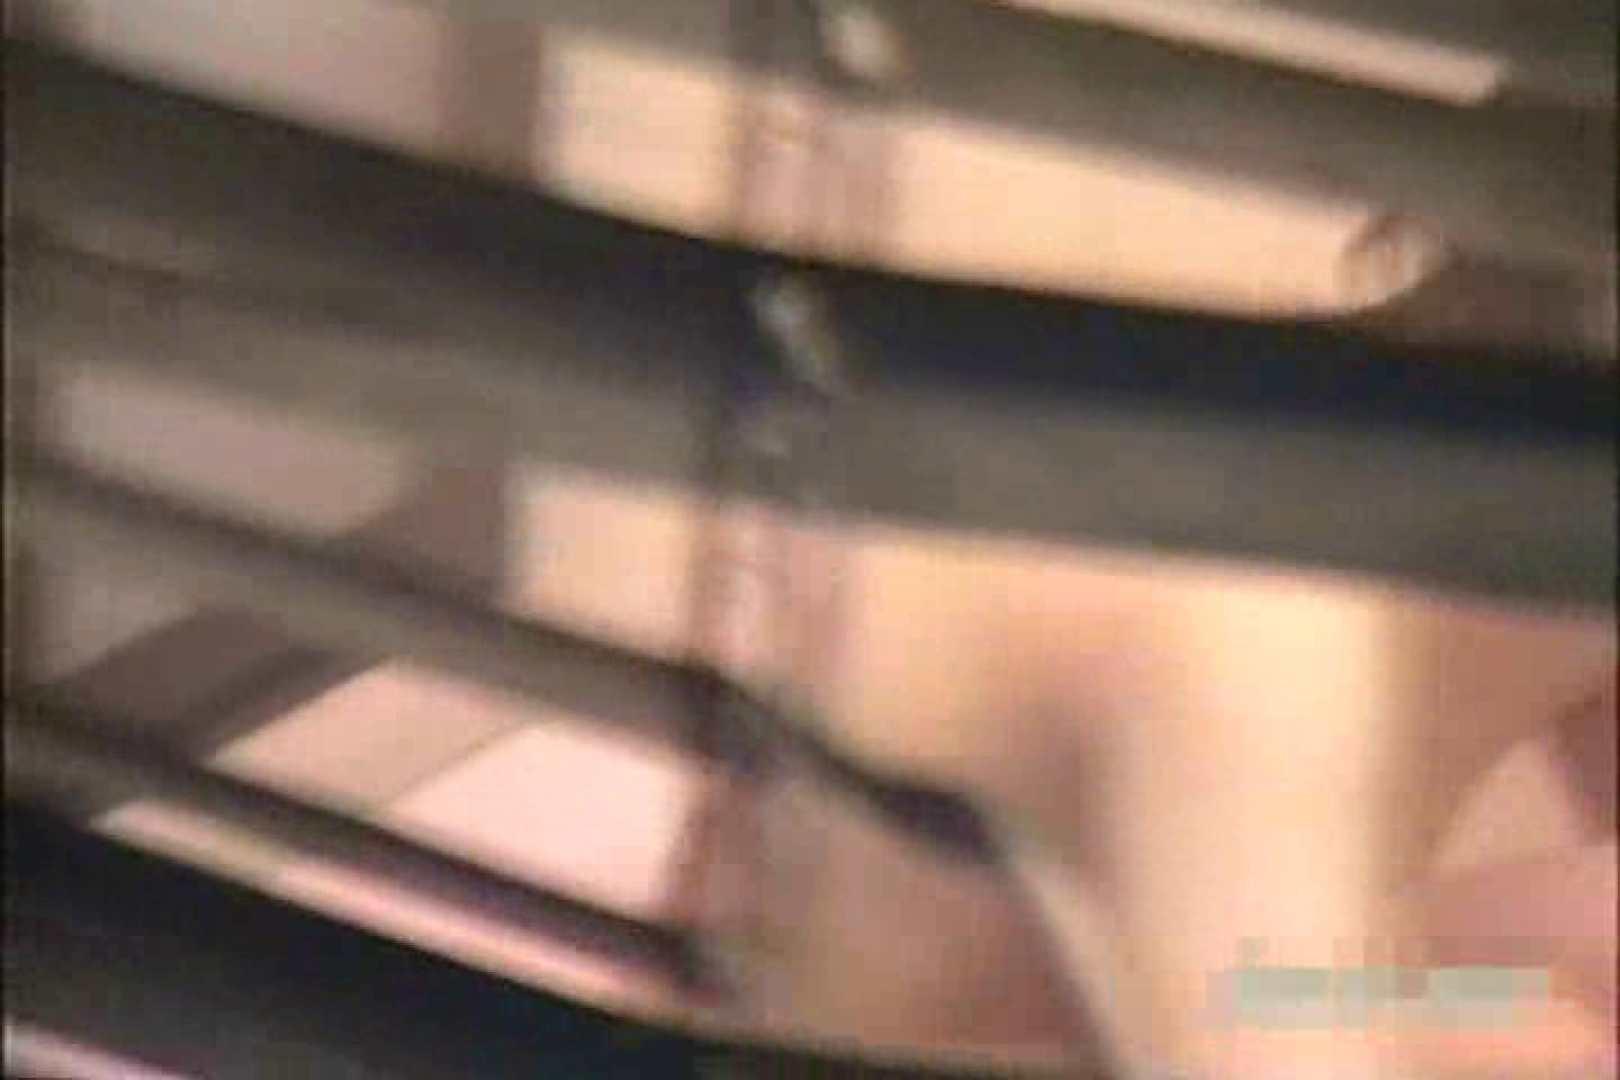 激撮ストーカー記録あなたのお宅拝見しますVol.3 民家  88画像 18